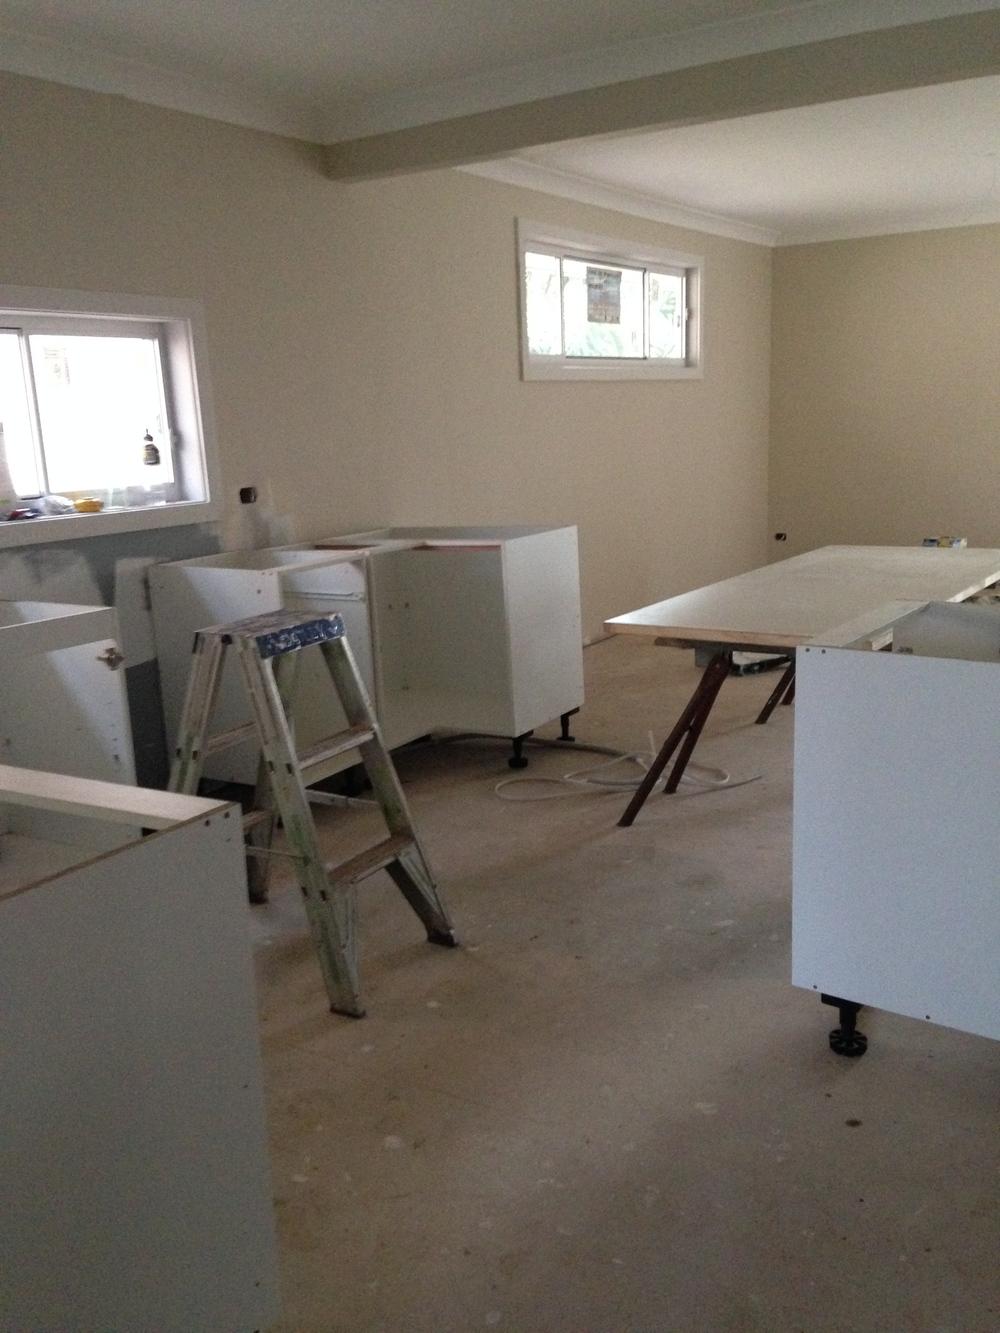 Ceilings are painted, walls underway